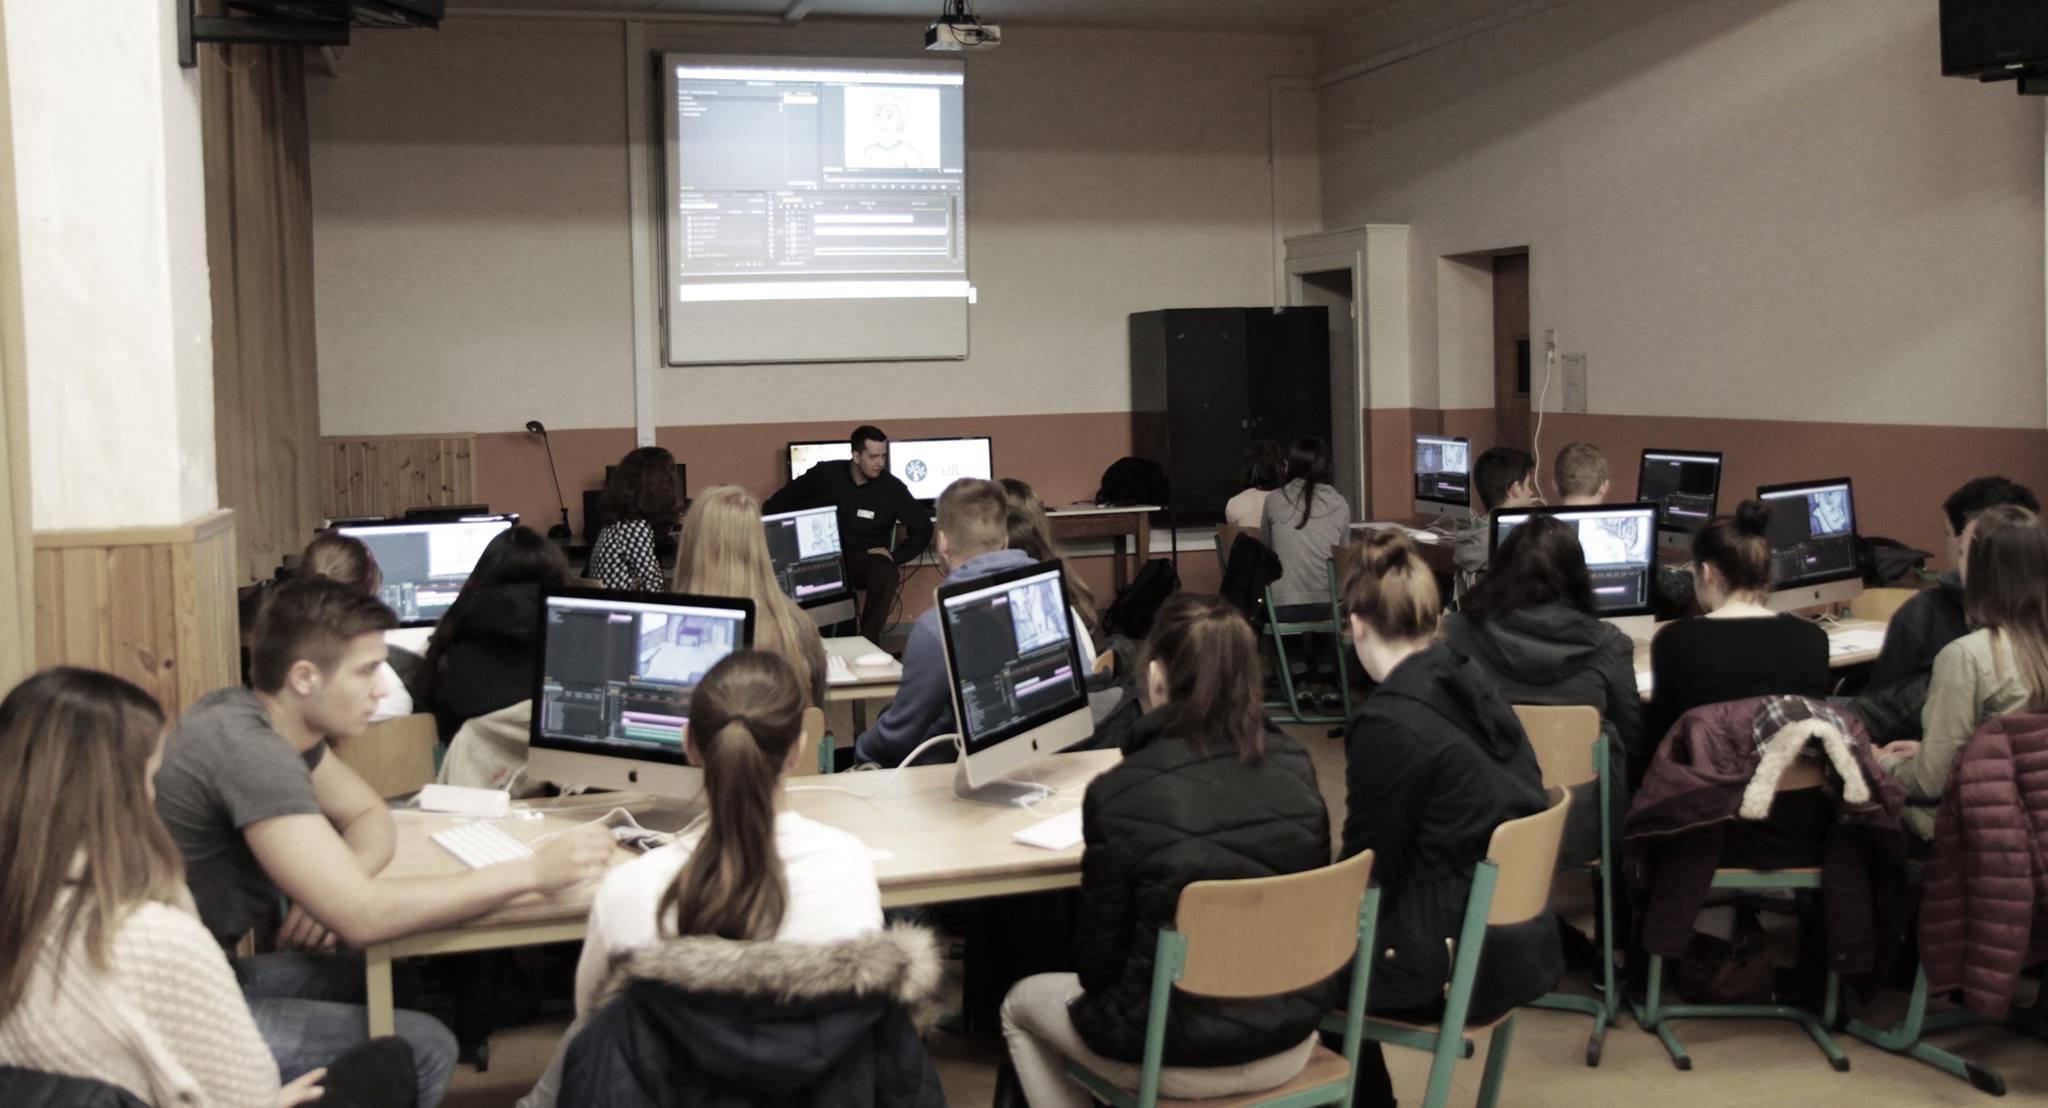 Workshop des Instituts für digitales Lernen mit einer Klasse im Töpfereimuseum